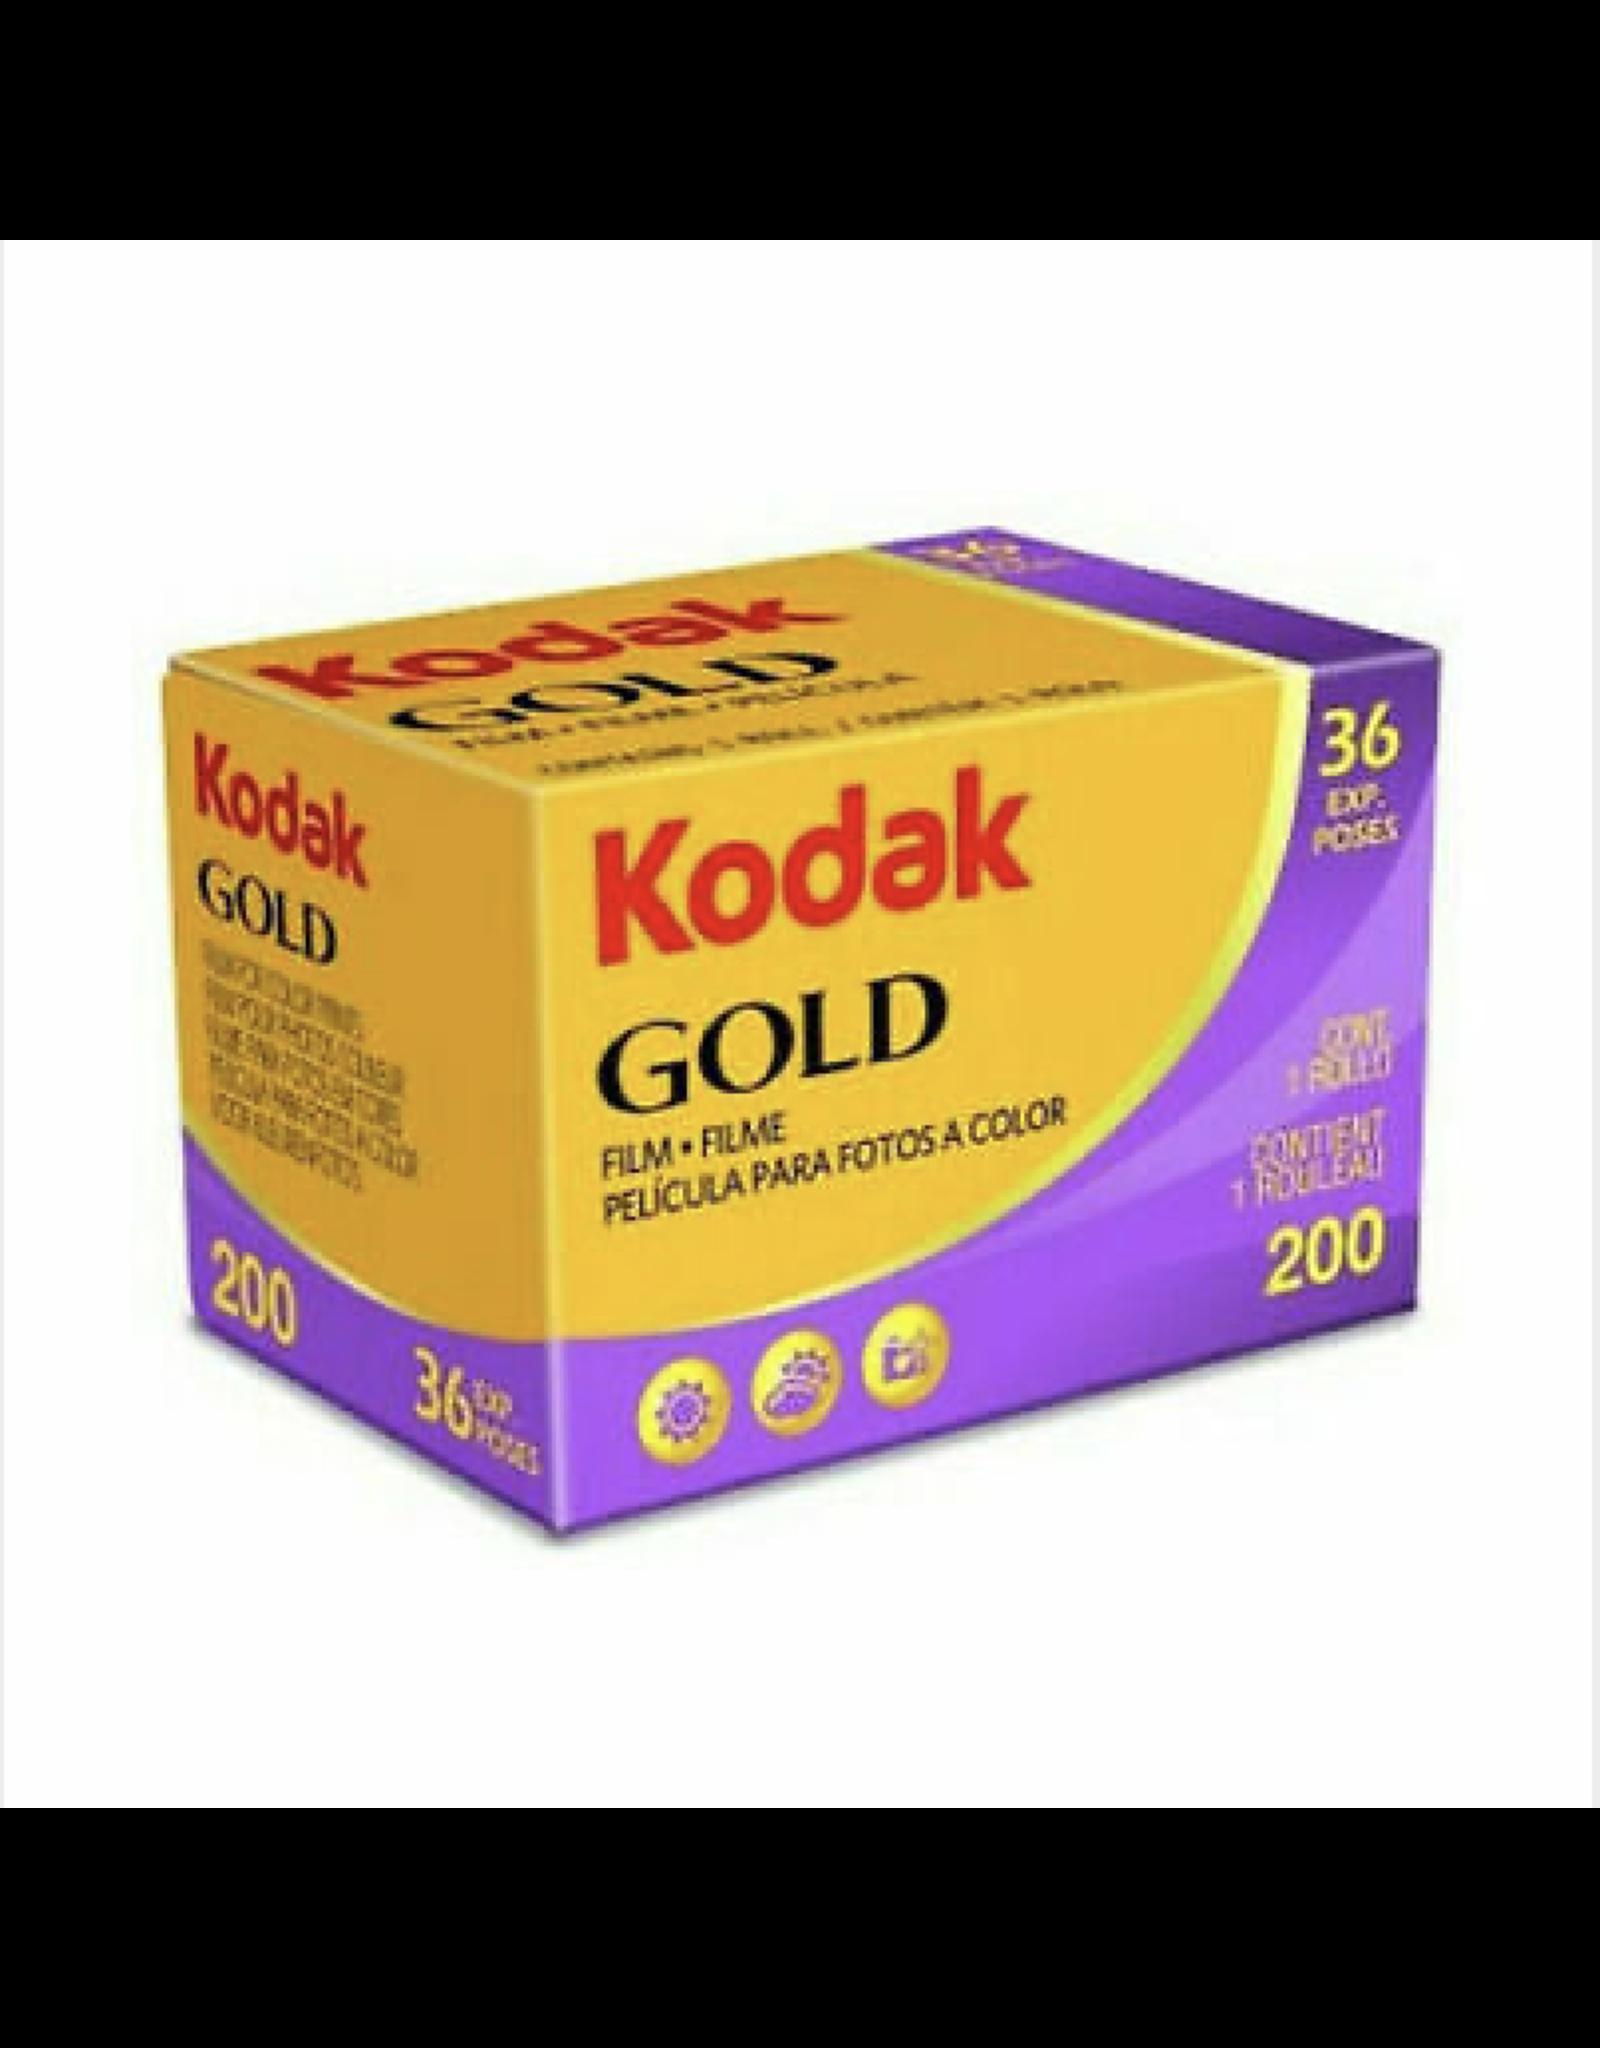 kodak Kodak Gold 200 35mm 36 exp.